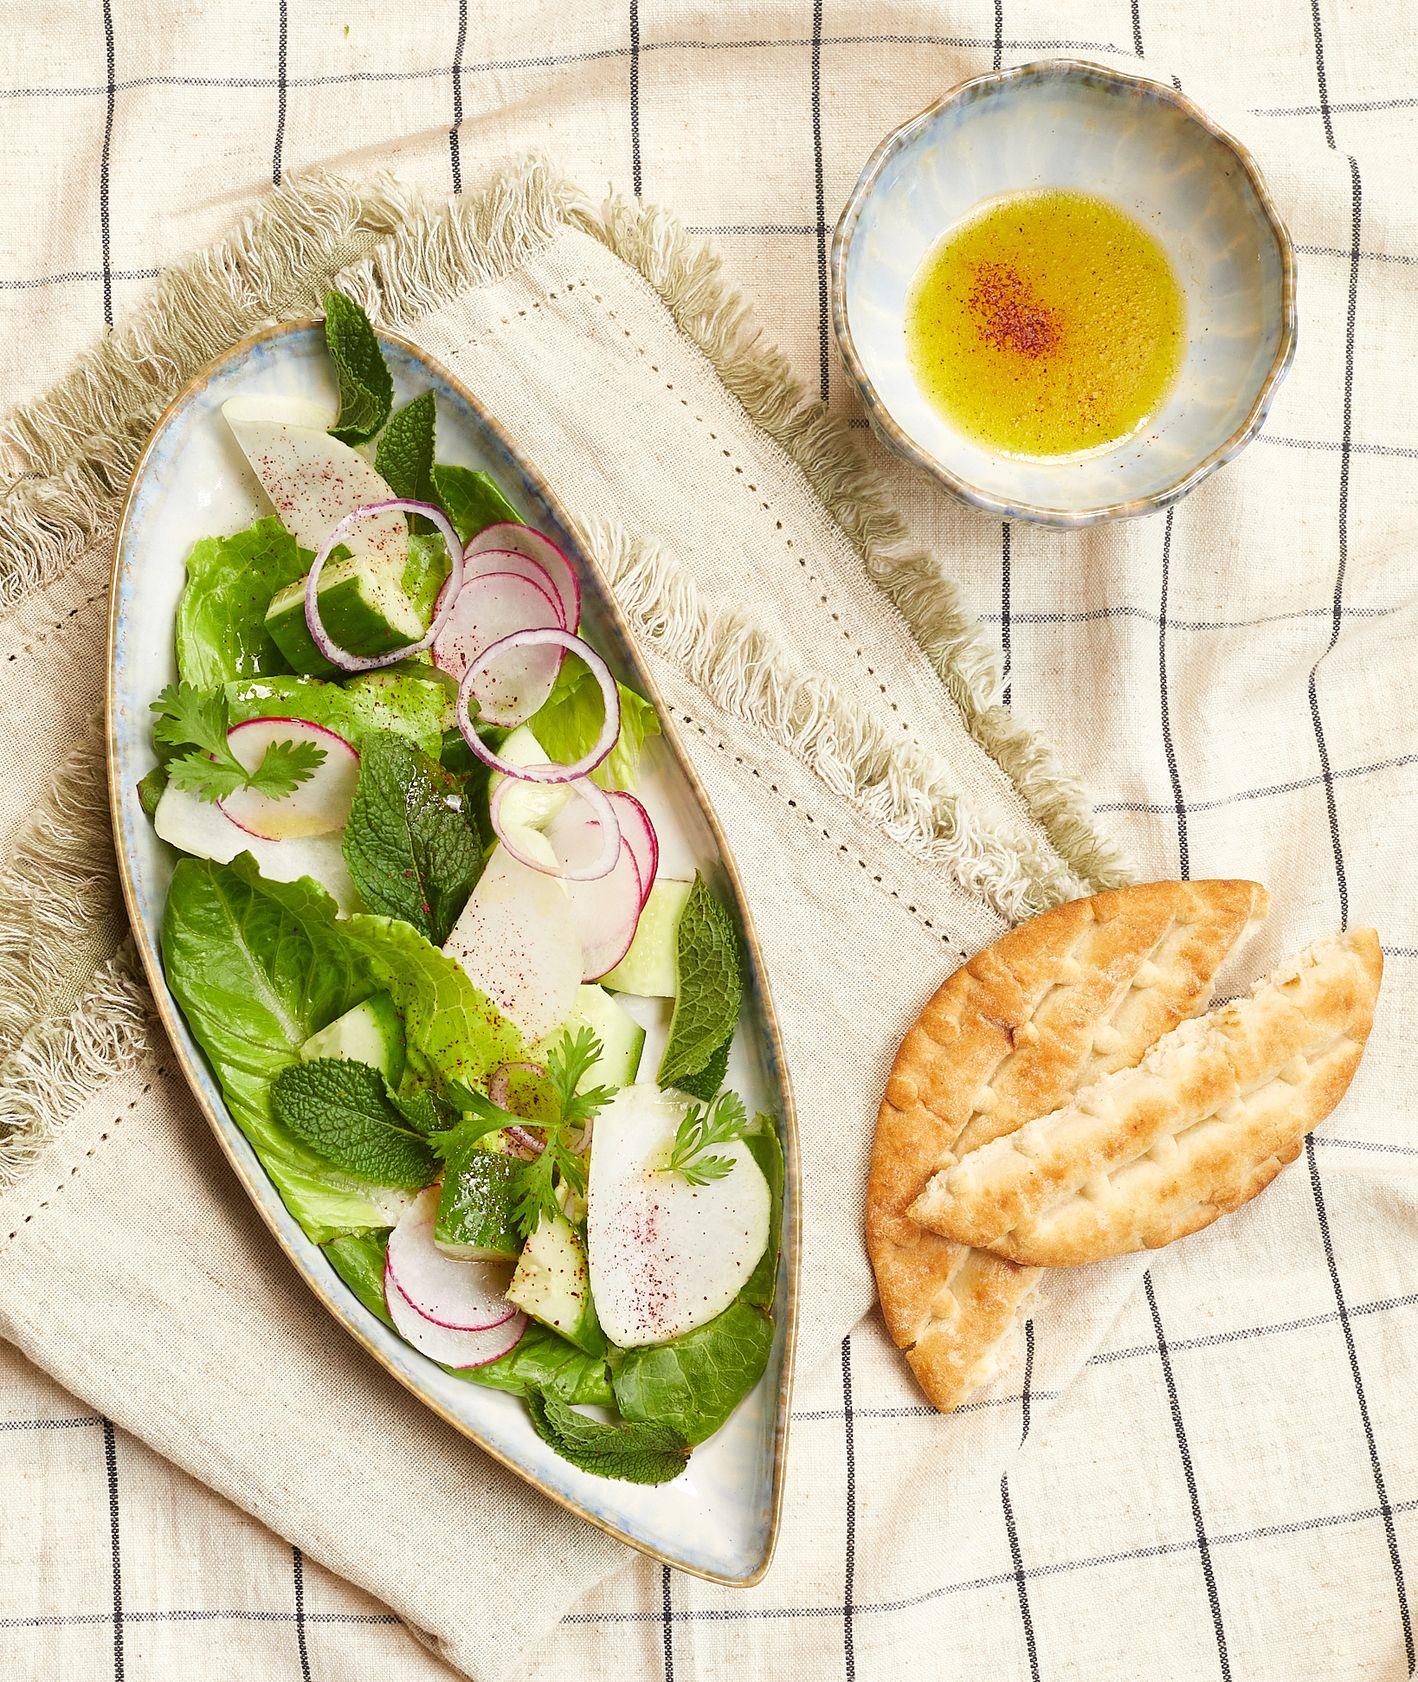 Sałatka z sezonowych warzyw z chlebkiem pita i dressingiem z octu winnego i czosnku (fot. Maciej Niemojewski)